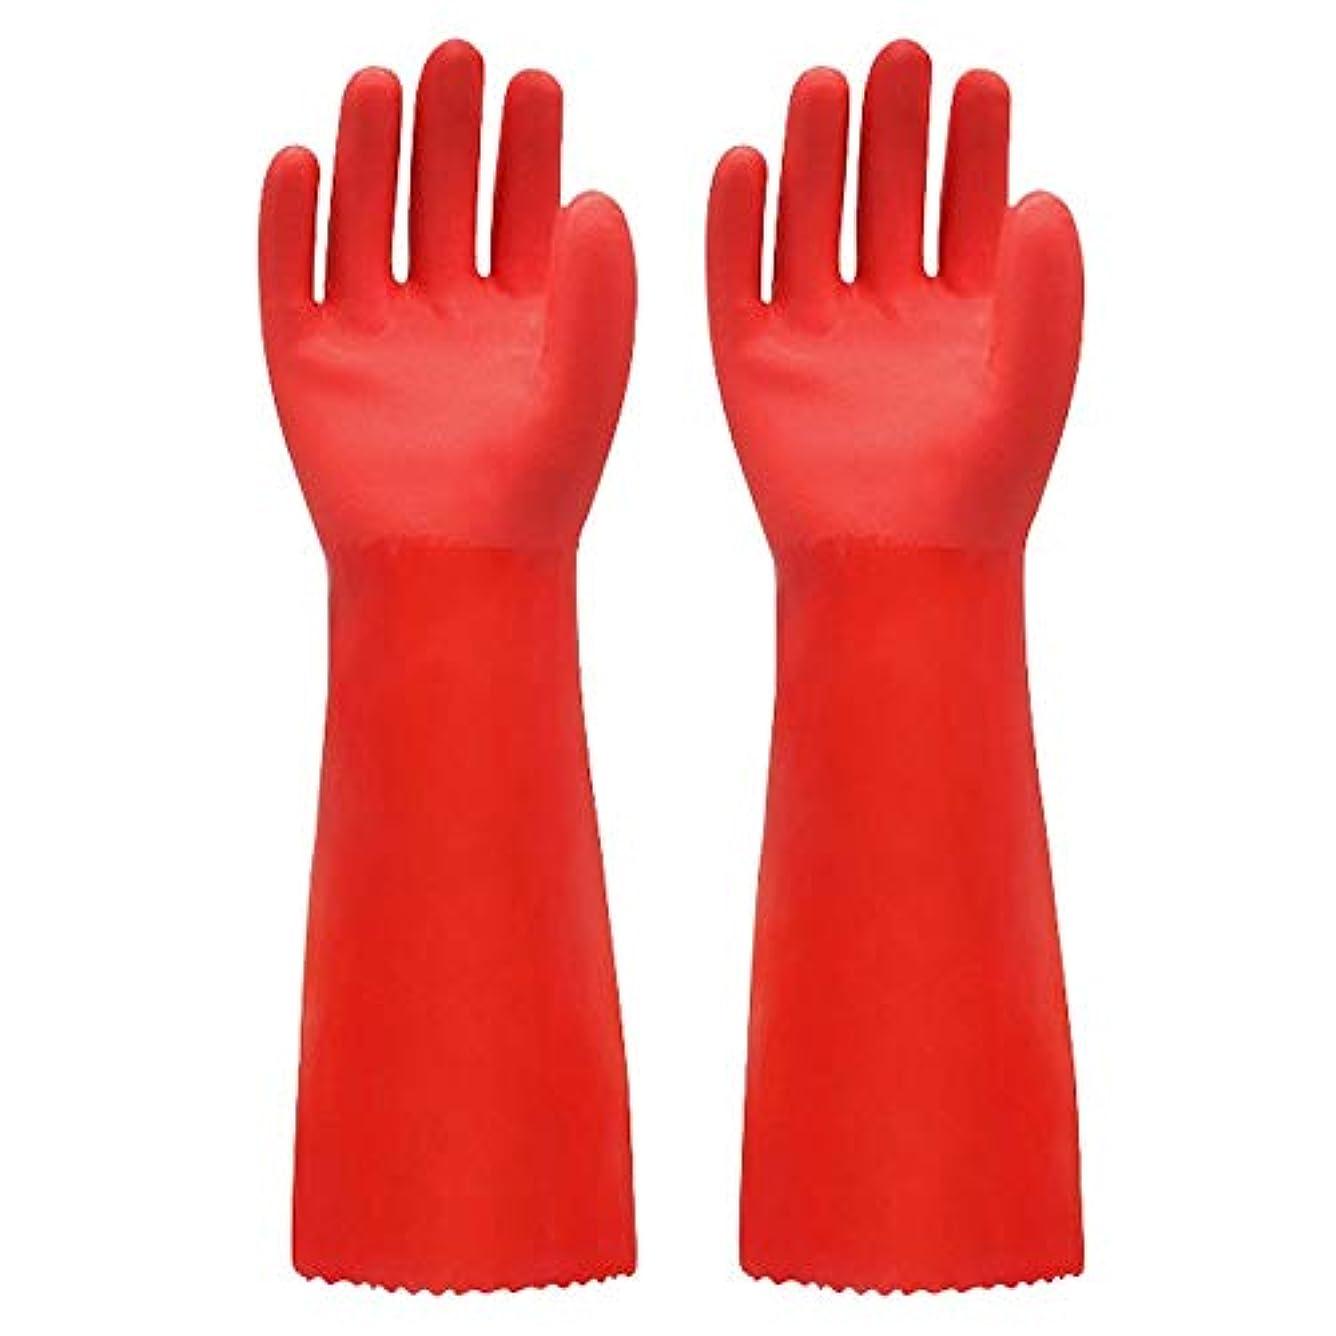 冗談で魂フォーマットBTXXYJP キッチン用手袋 手袋 掃除用 ロング 耐摩耗 食器洗い 作業 炊事 食器洗い 園芸 洗車 防水 手袋 (Color : RED, Size : L)